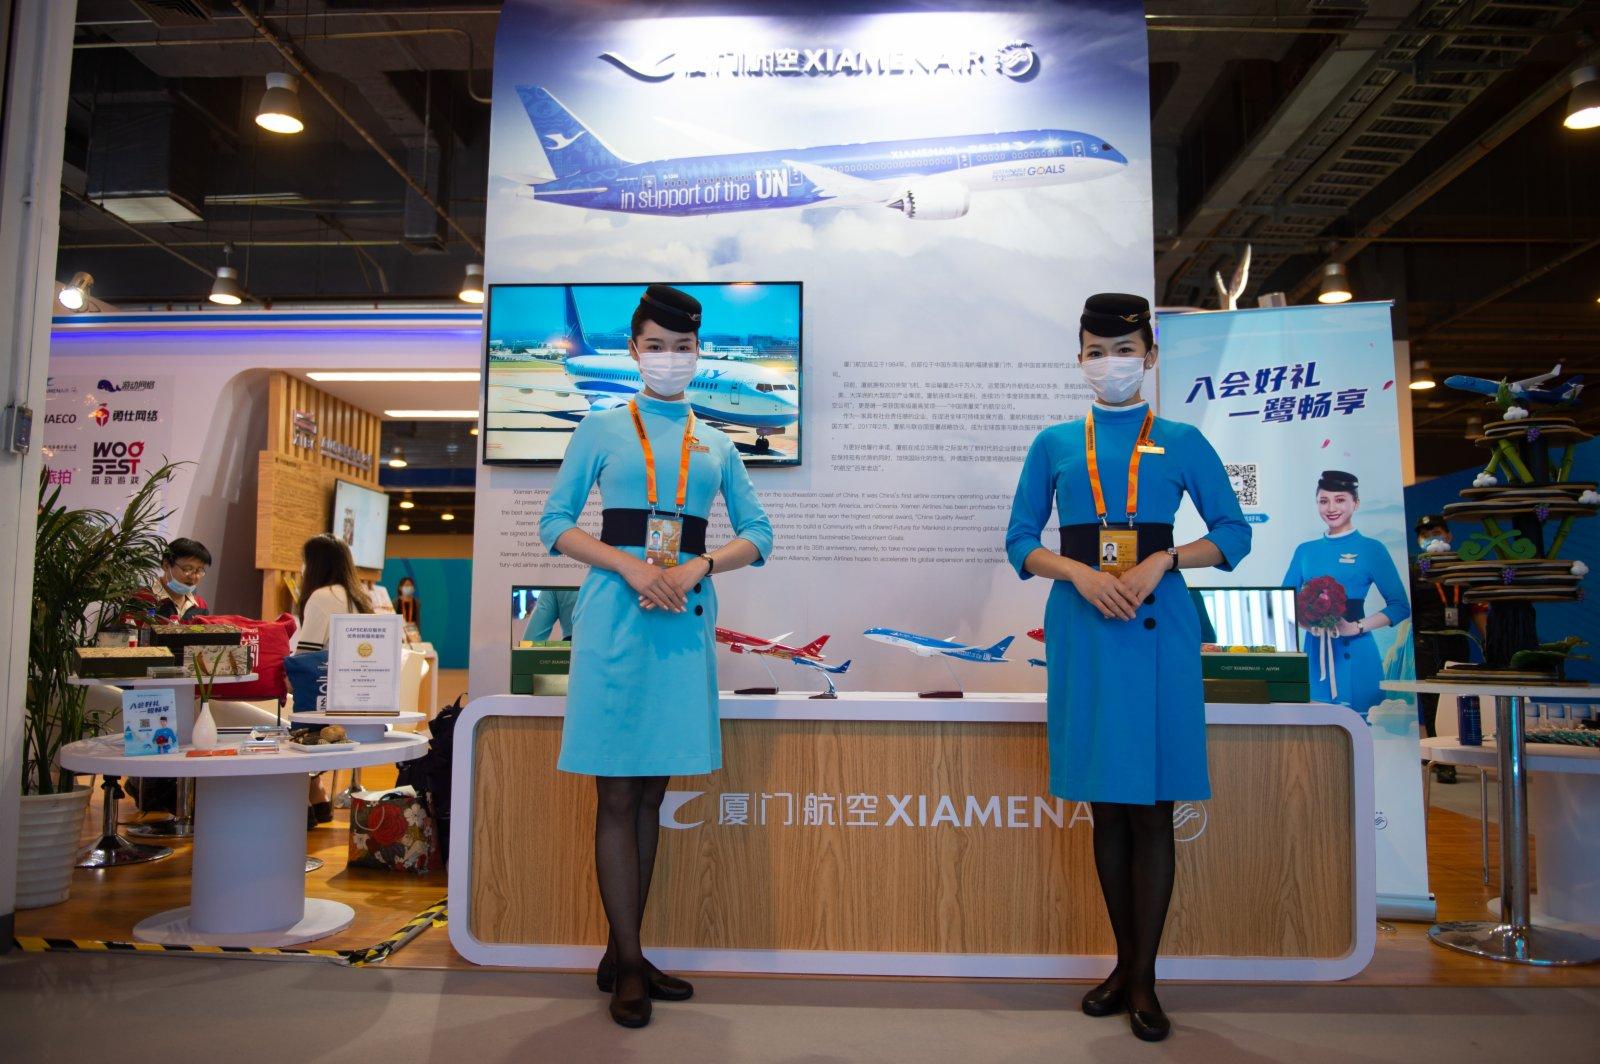 9月4日在服貿會國家會議中心展區廈門展位拍攝的廈門航空公司的空乘人員。(新華社)